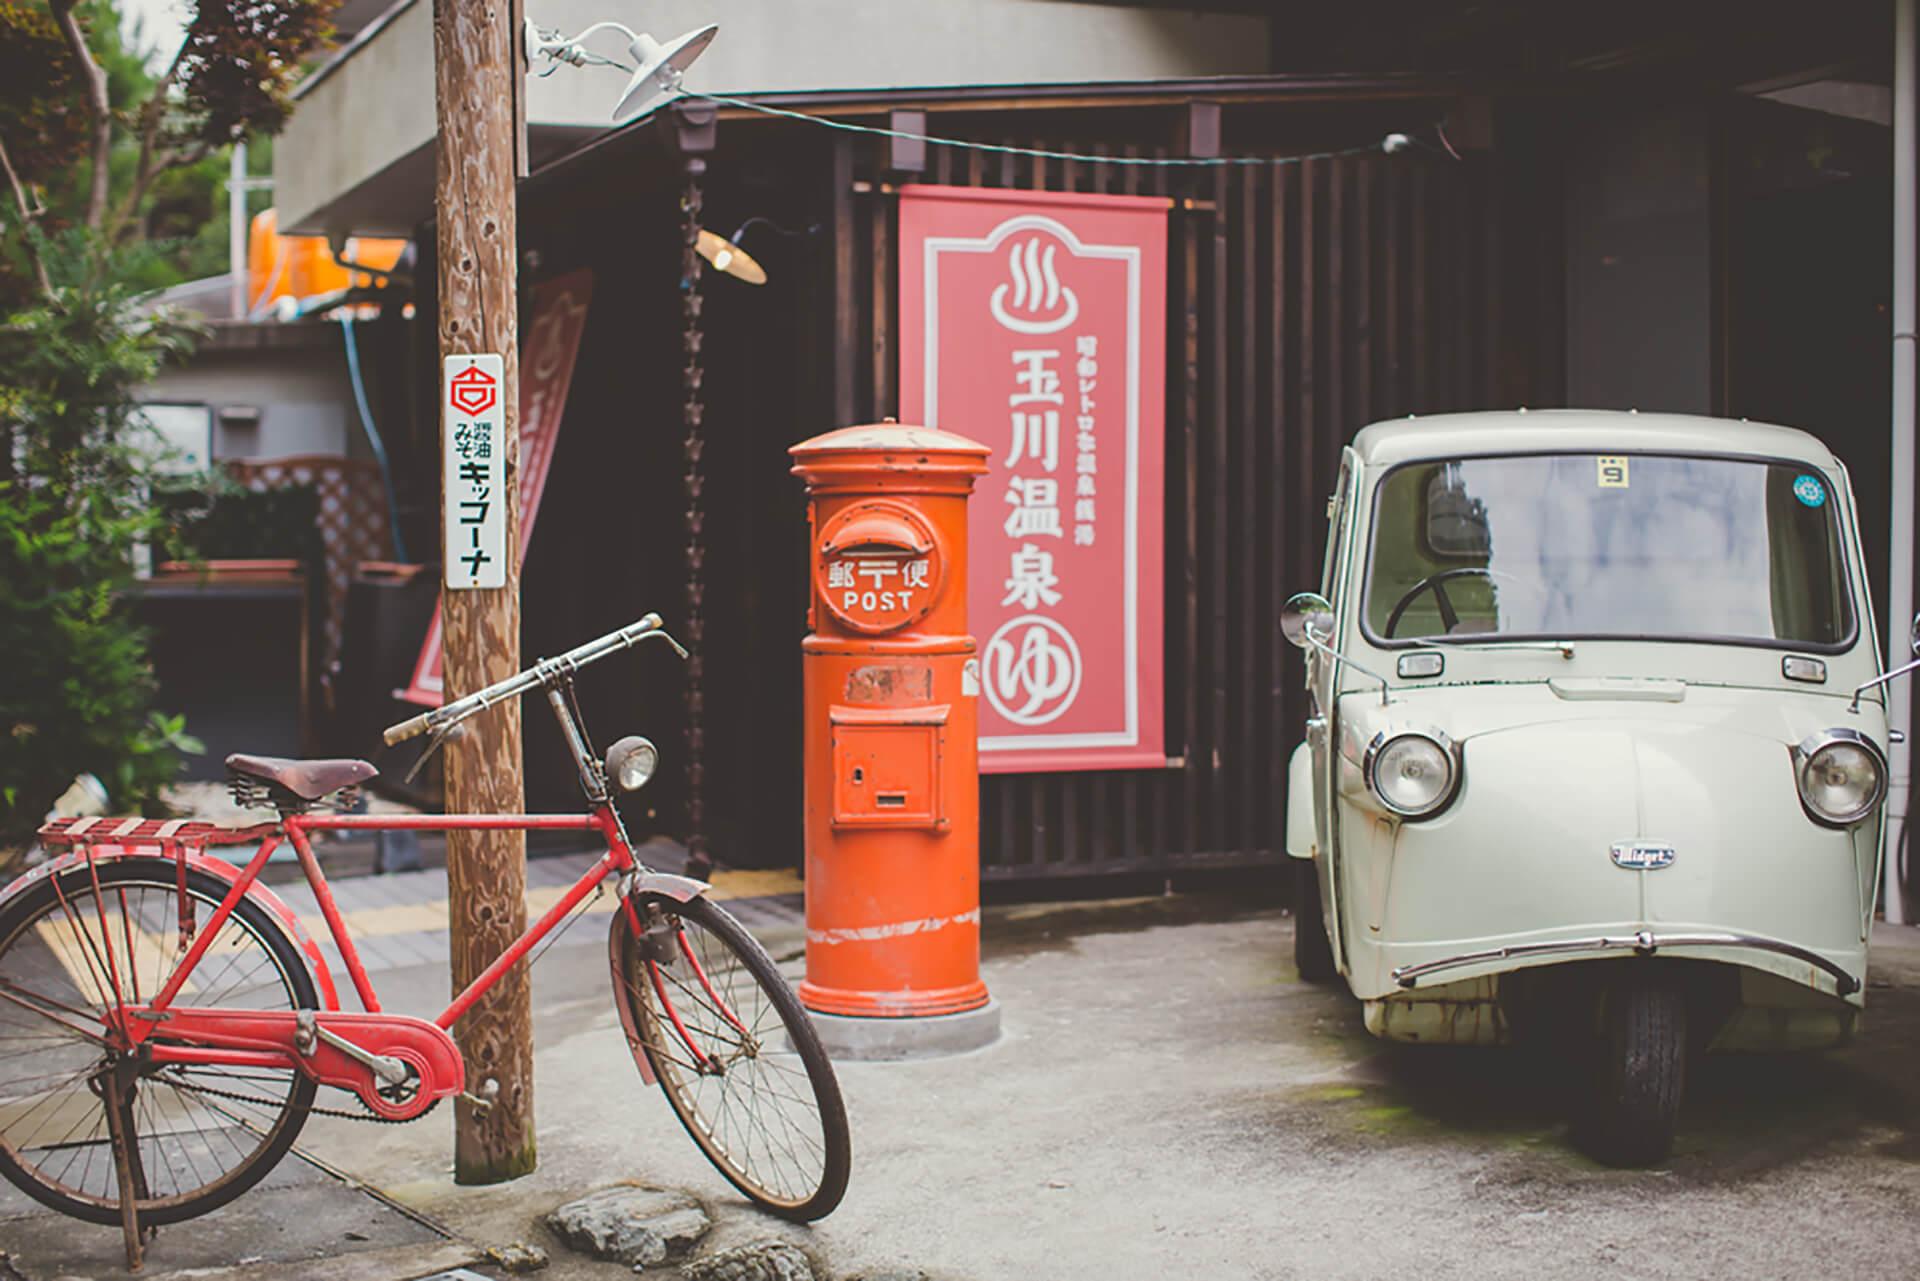 玉川温泉のメインビジュアル・昭和のクルマやポスト、自転車が並んでいます